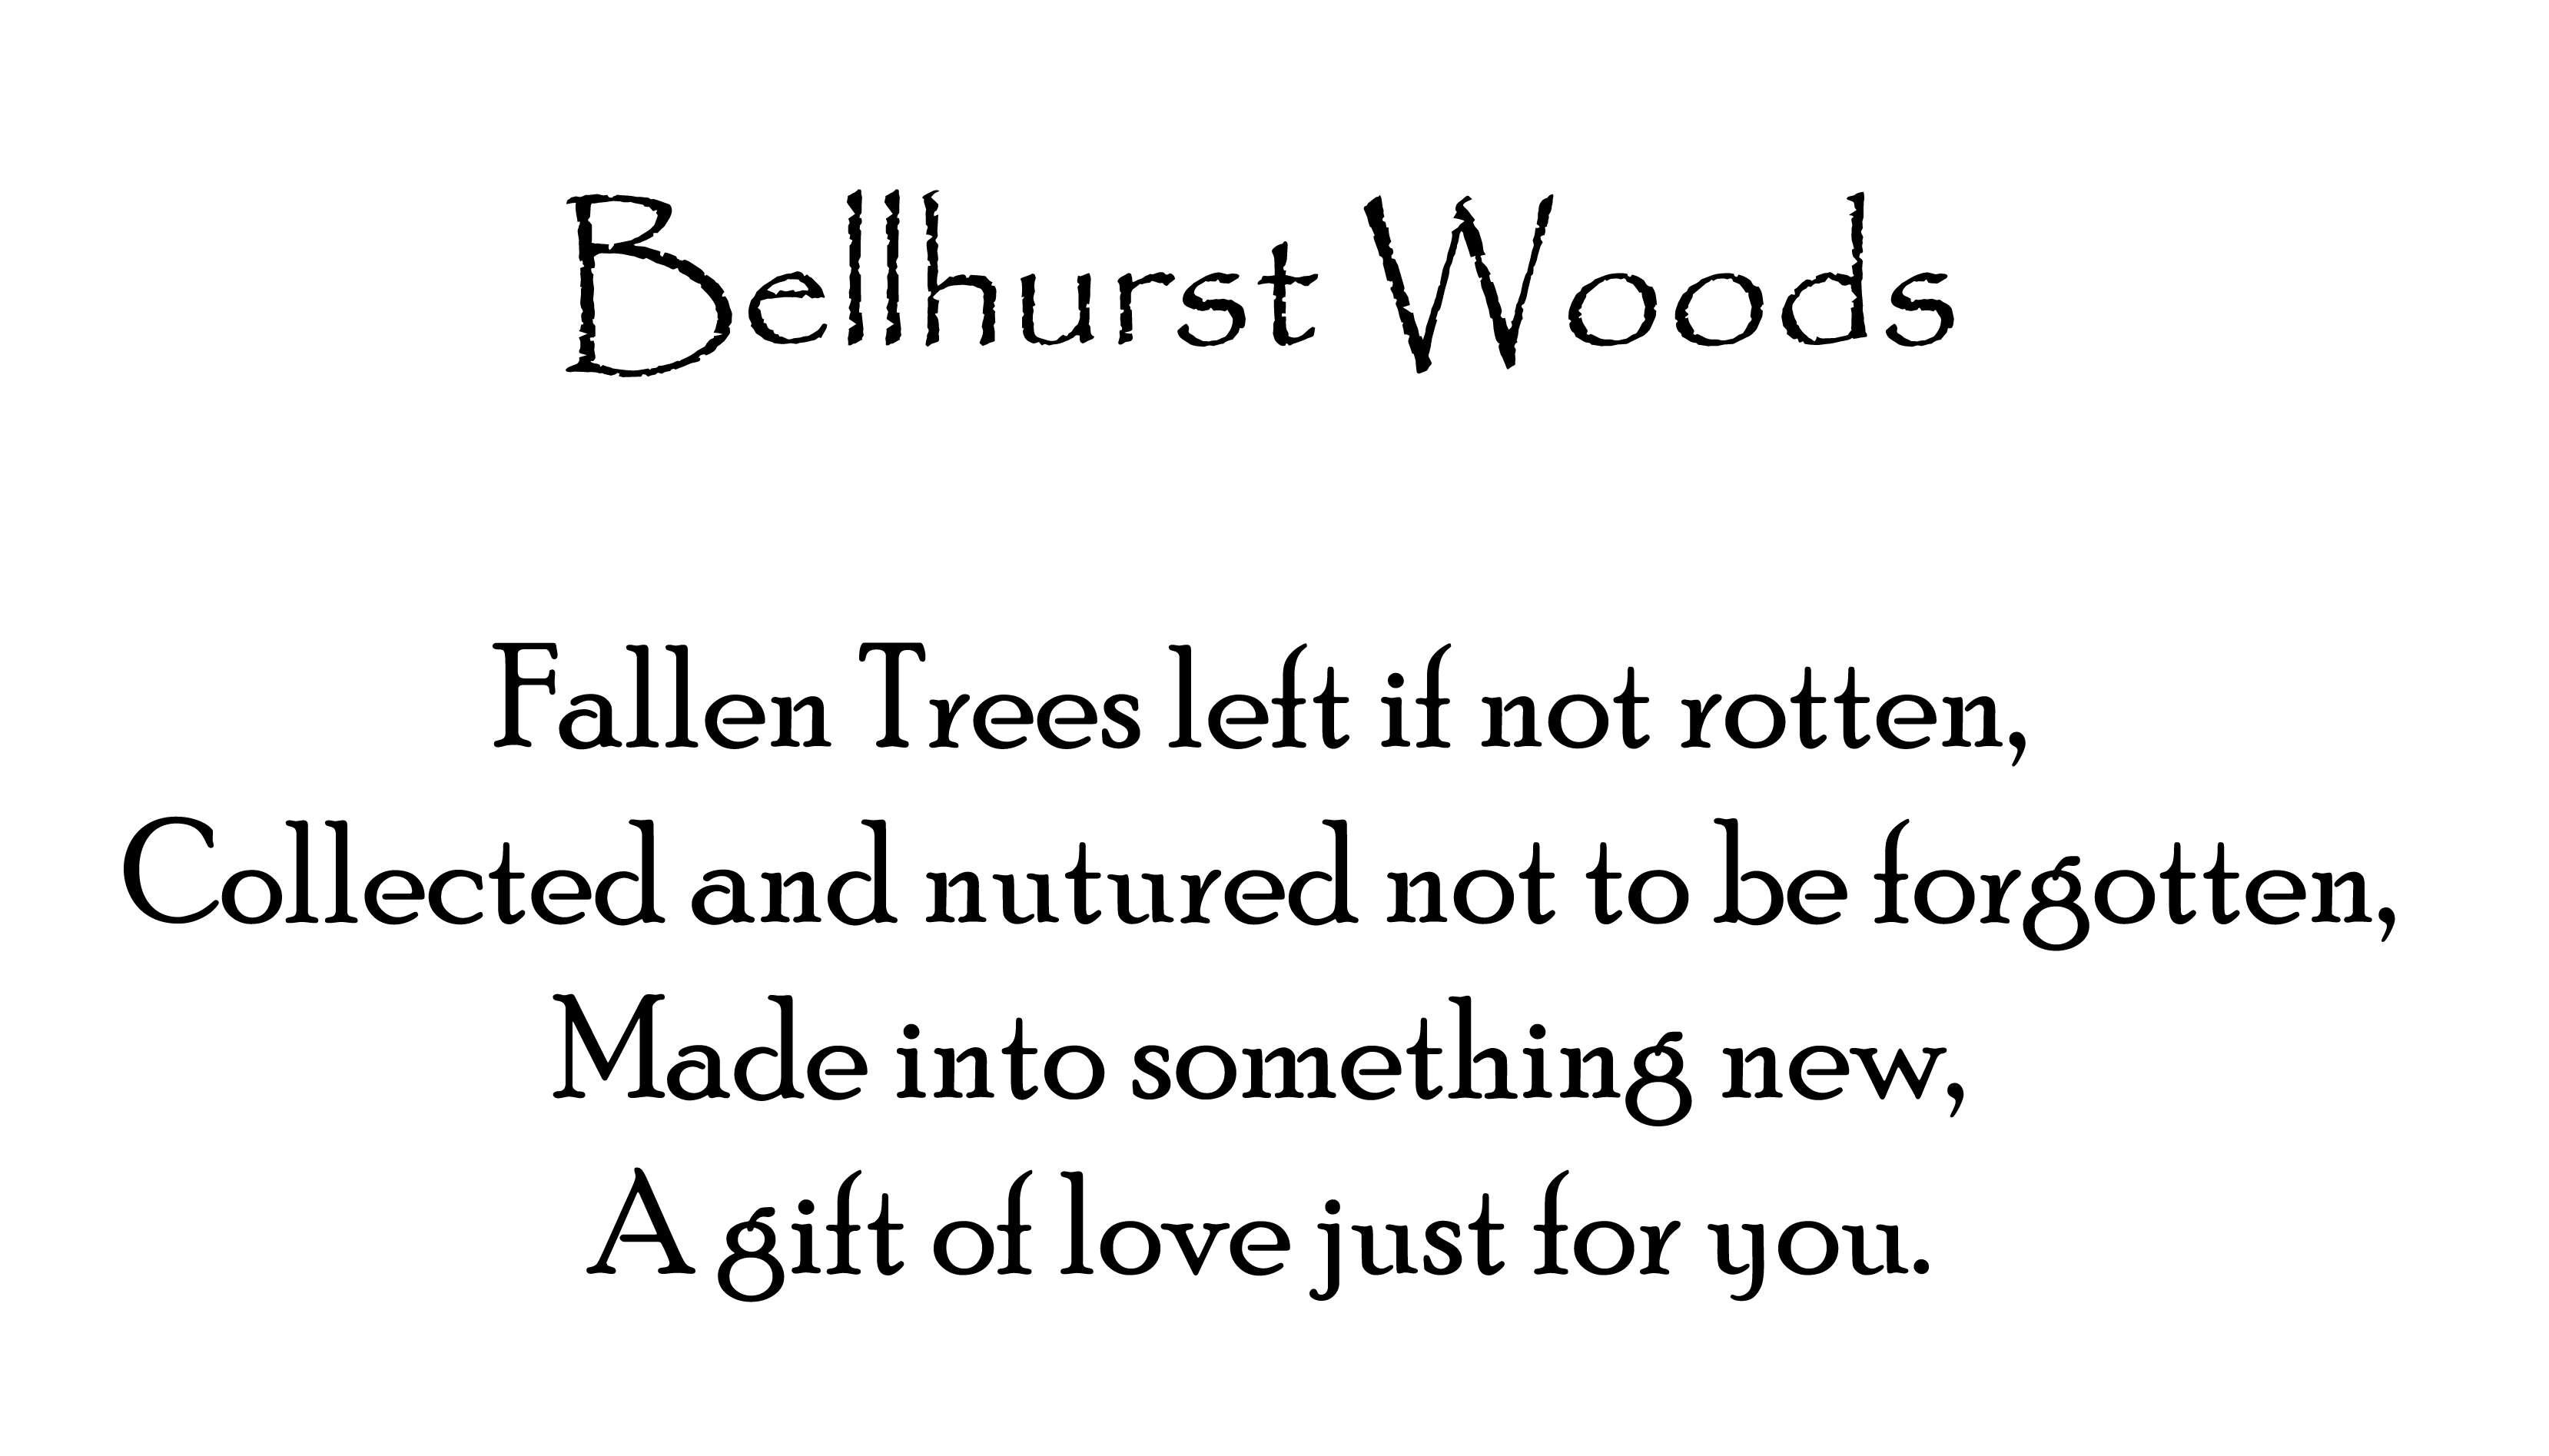 bellhurst-woods-poster